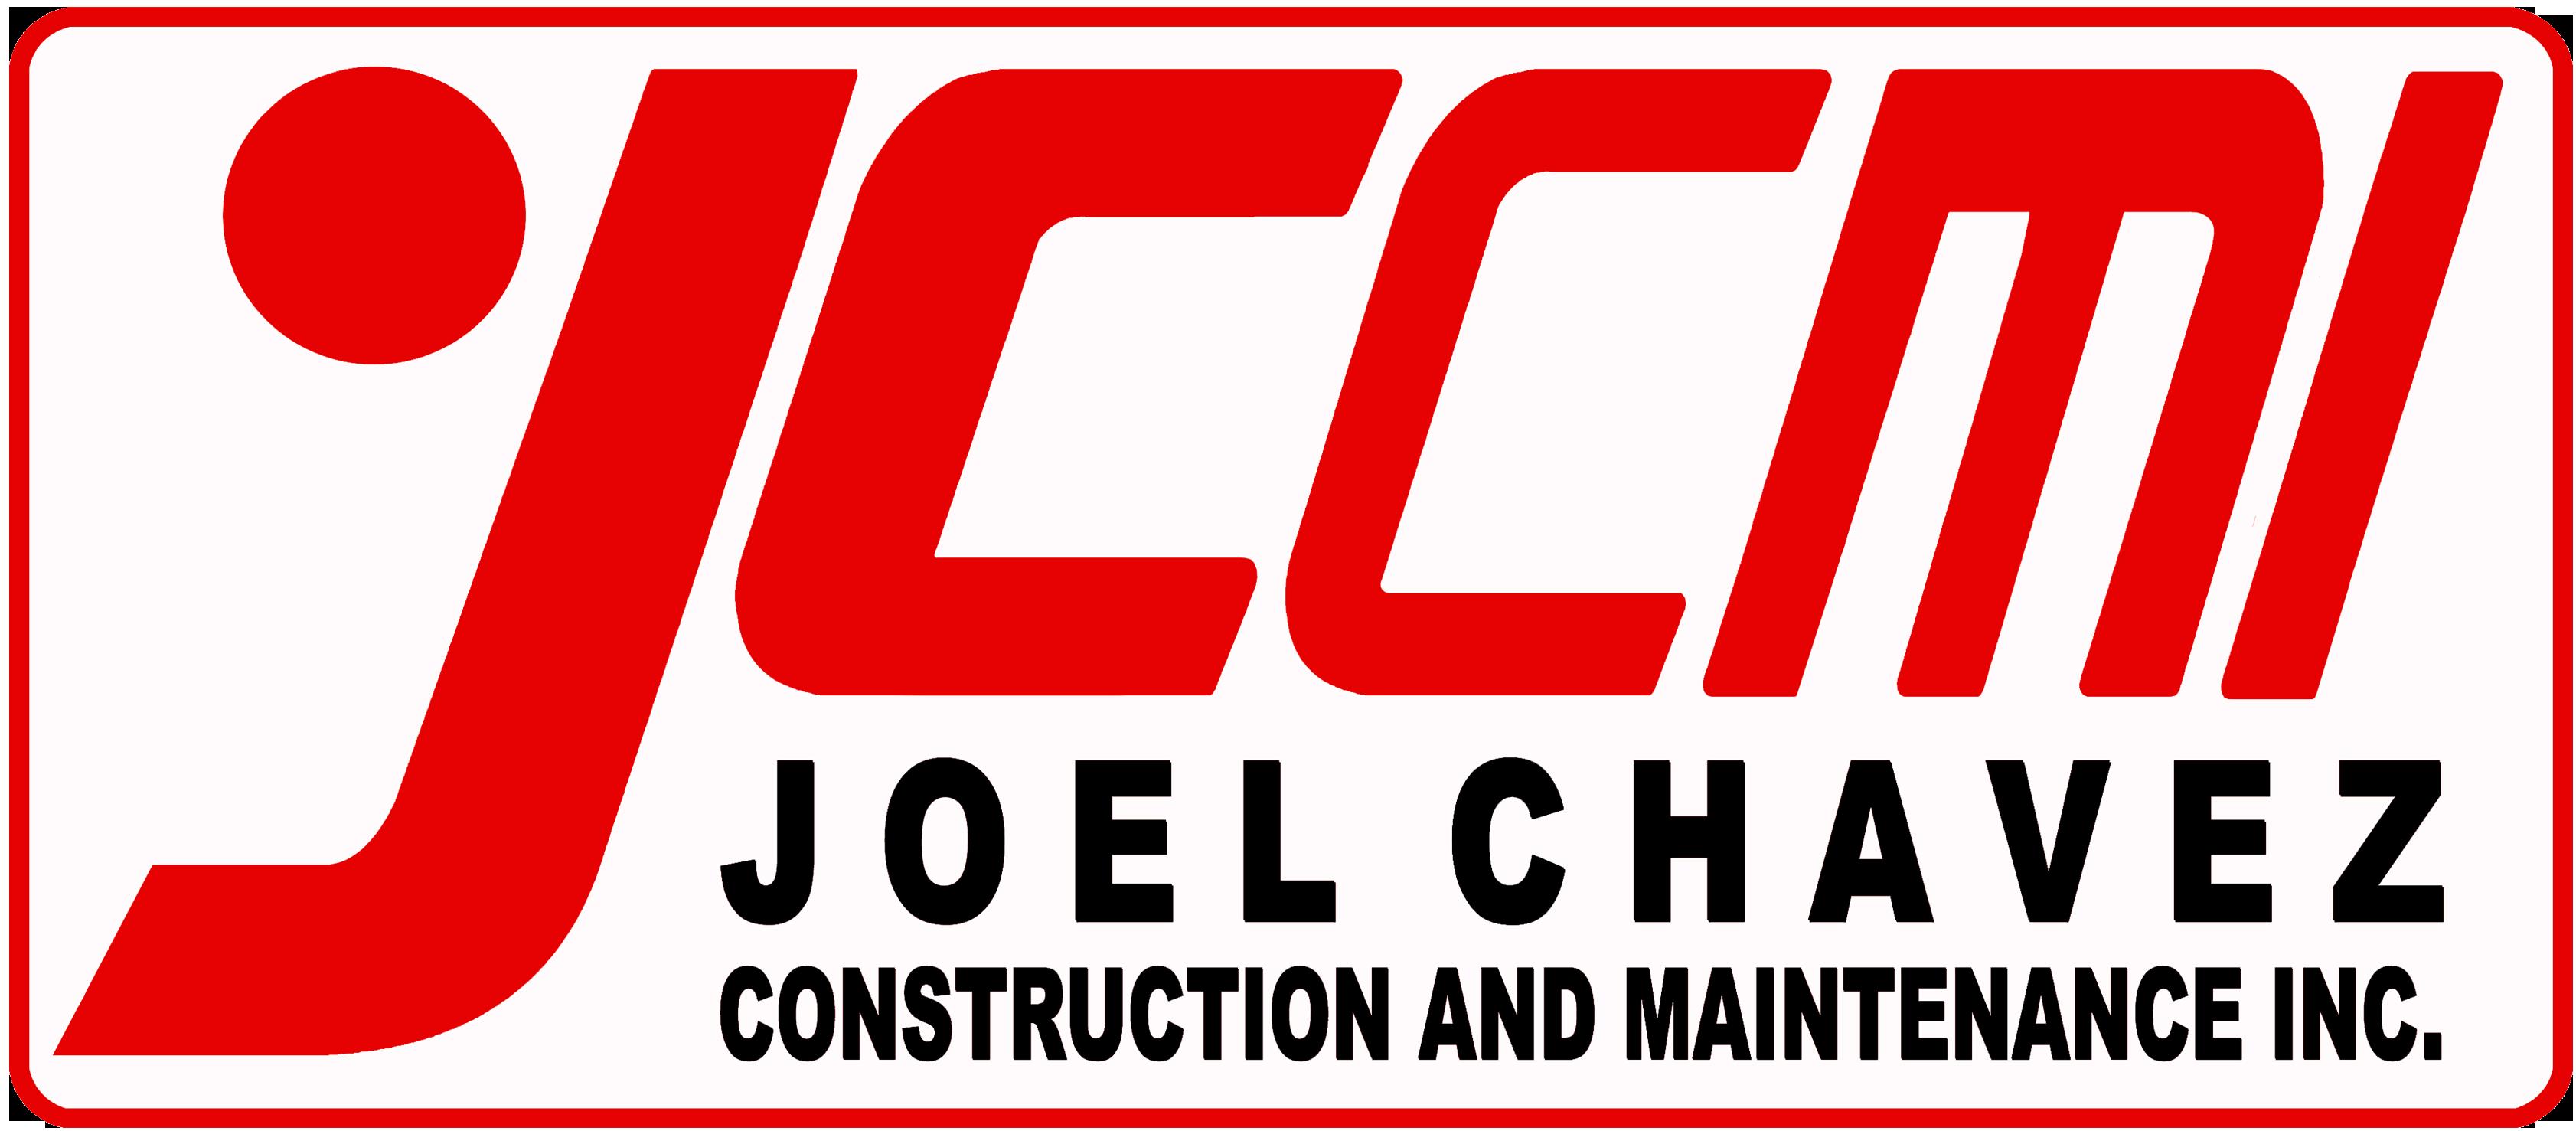 Joel Chavez Construction & Maintenance Inc.